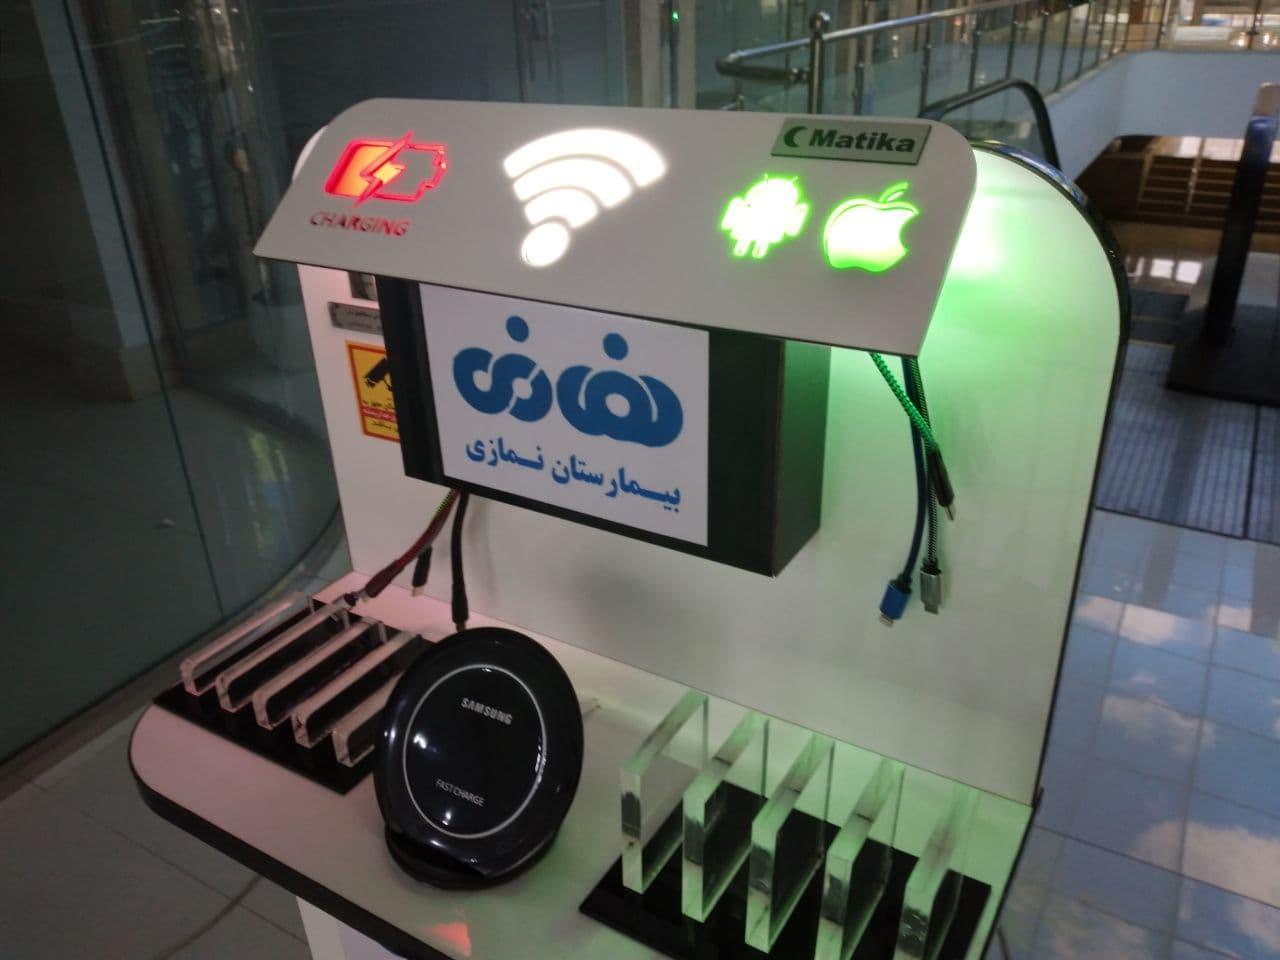 صندوق انتقادات و پیشنهادات - استند شارژر -  ایستگاه شارژر موبایل - استند شارژ